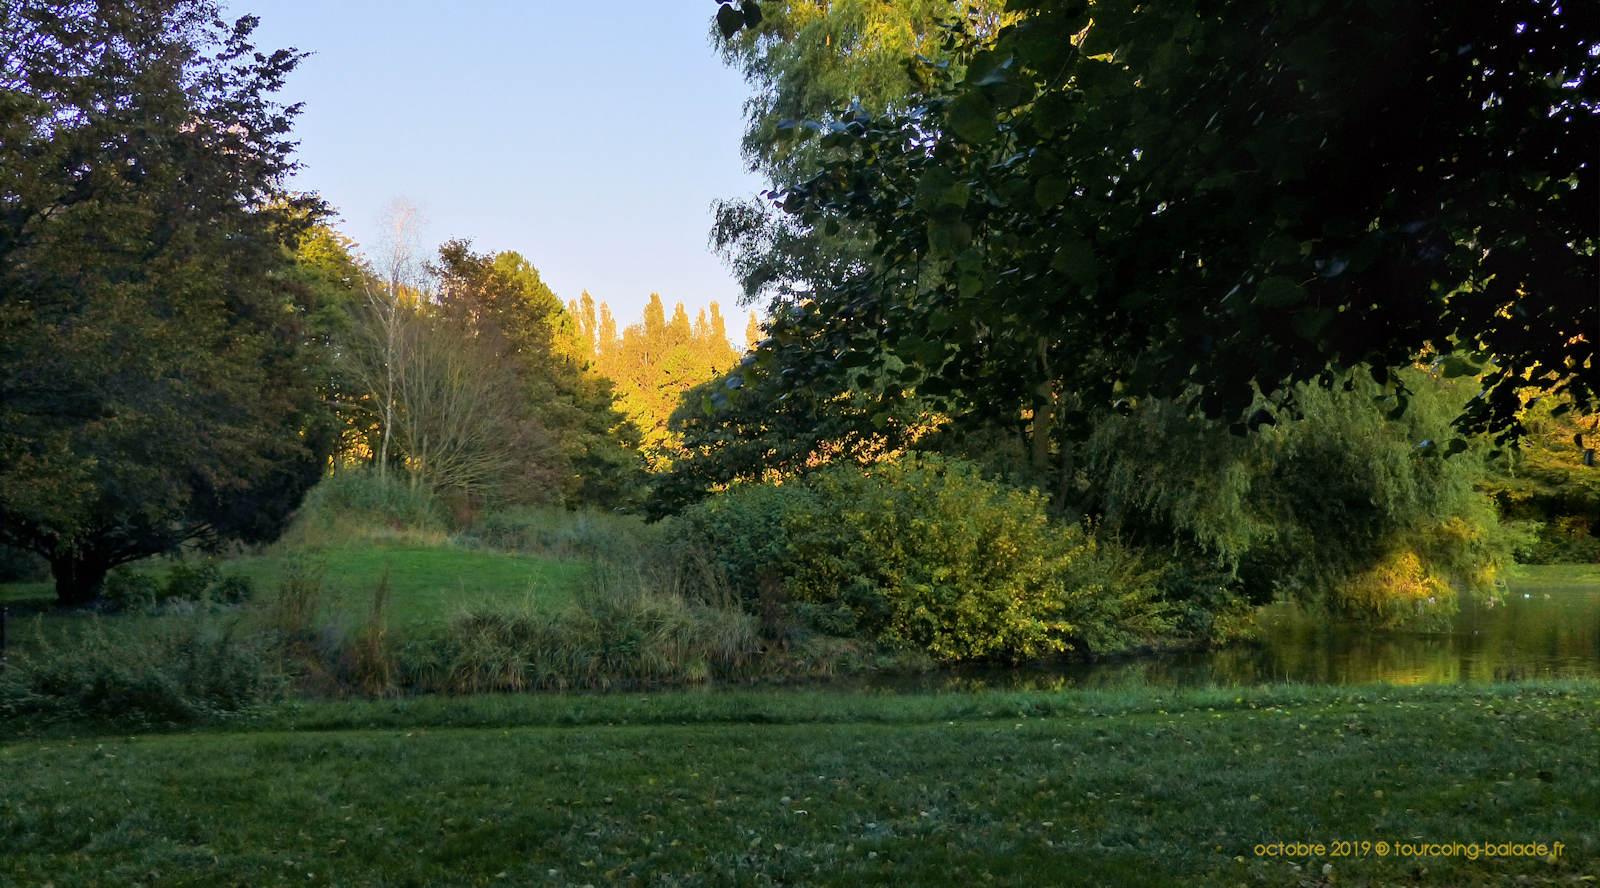 Parc de l'Yser, Tourcoing.